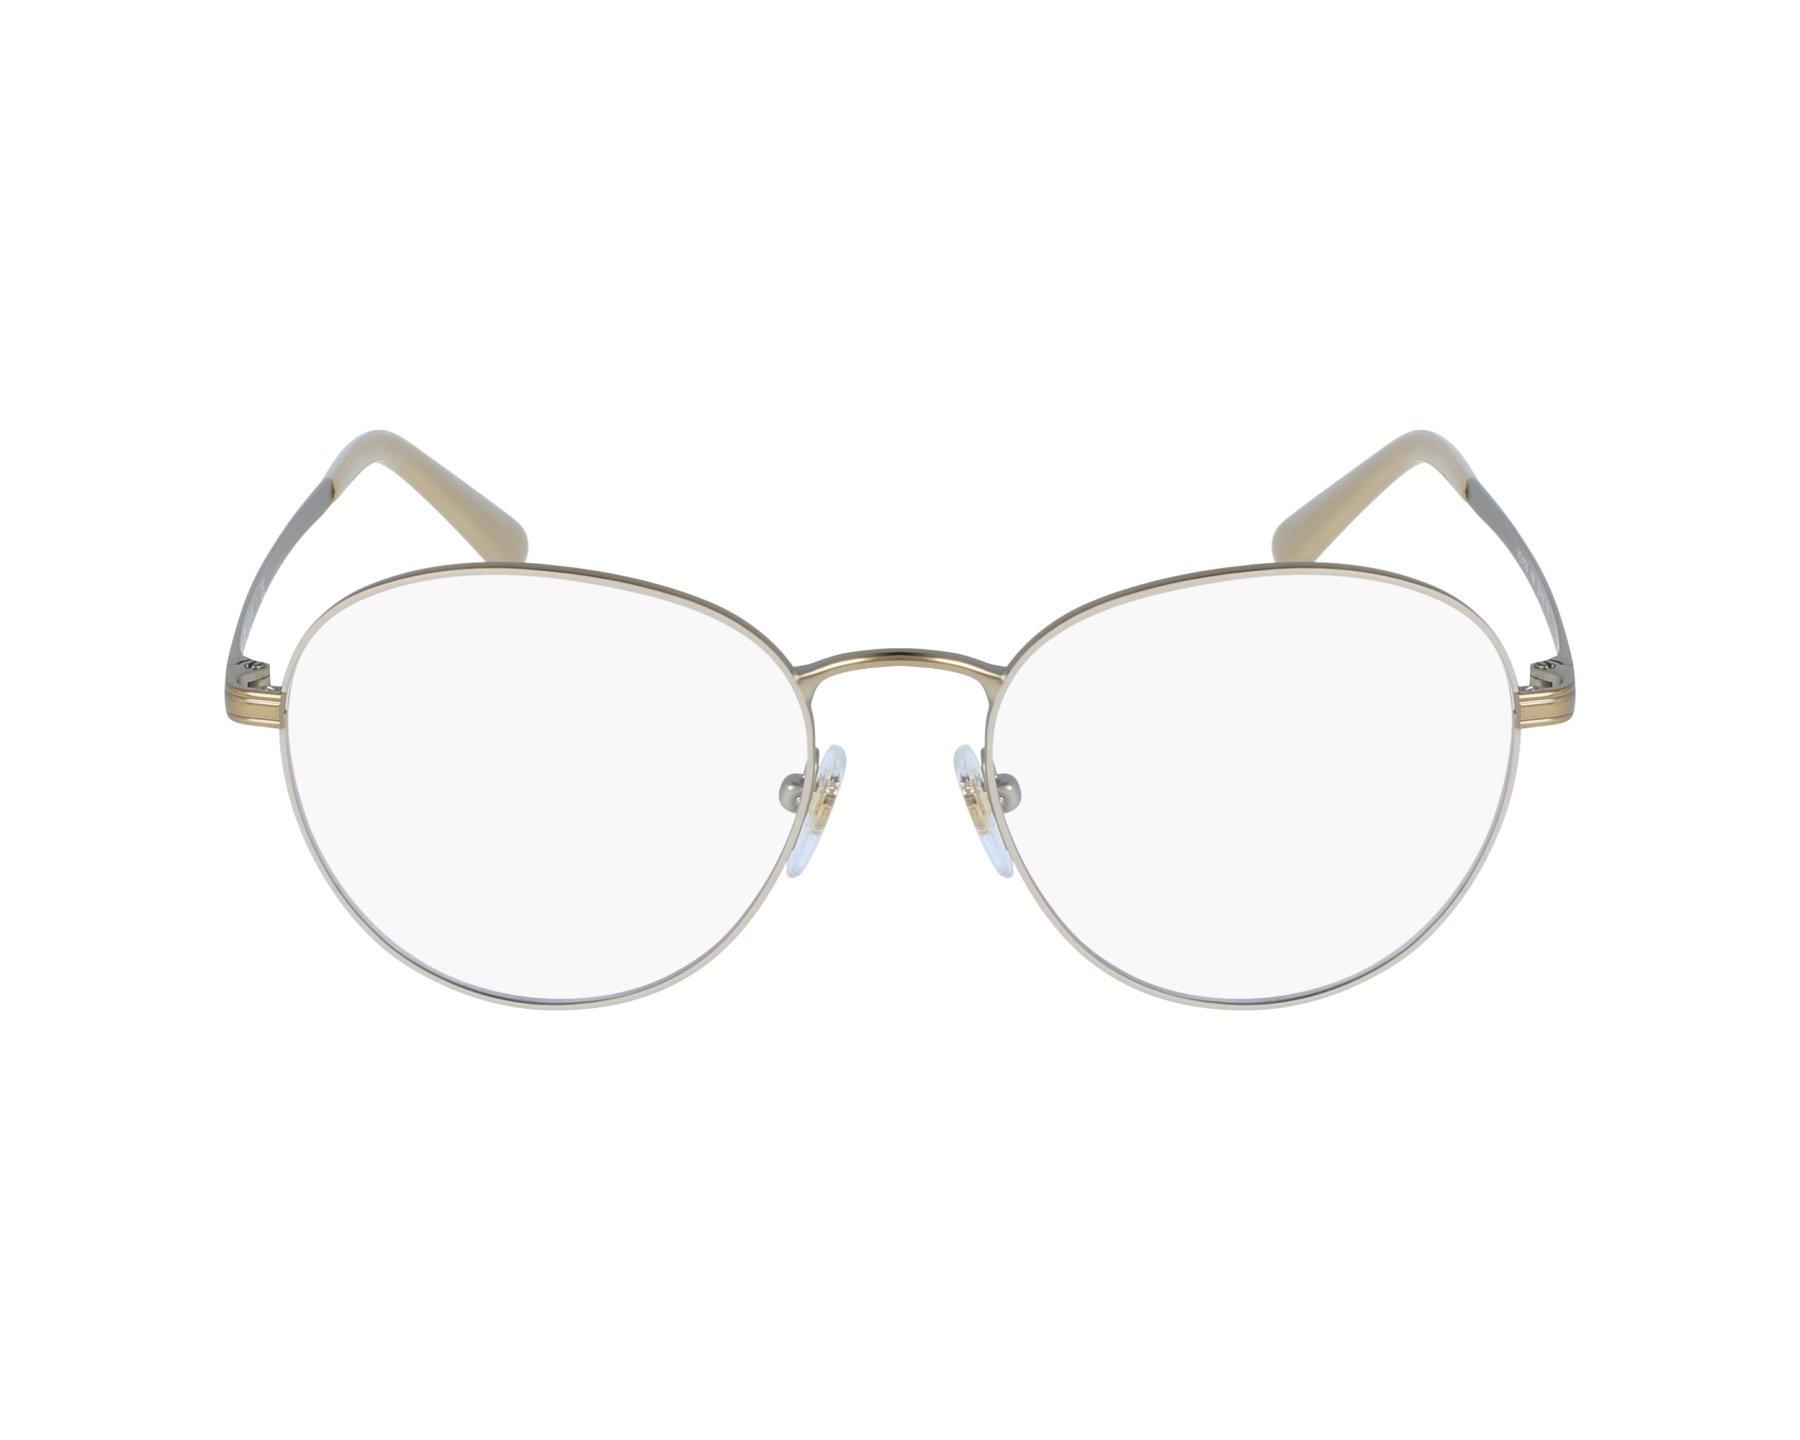 5a4e250289 Gafas Graduadas Vogue VO-4024 996 50-18 Beige Oro vista de perfil